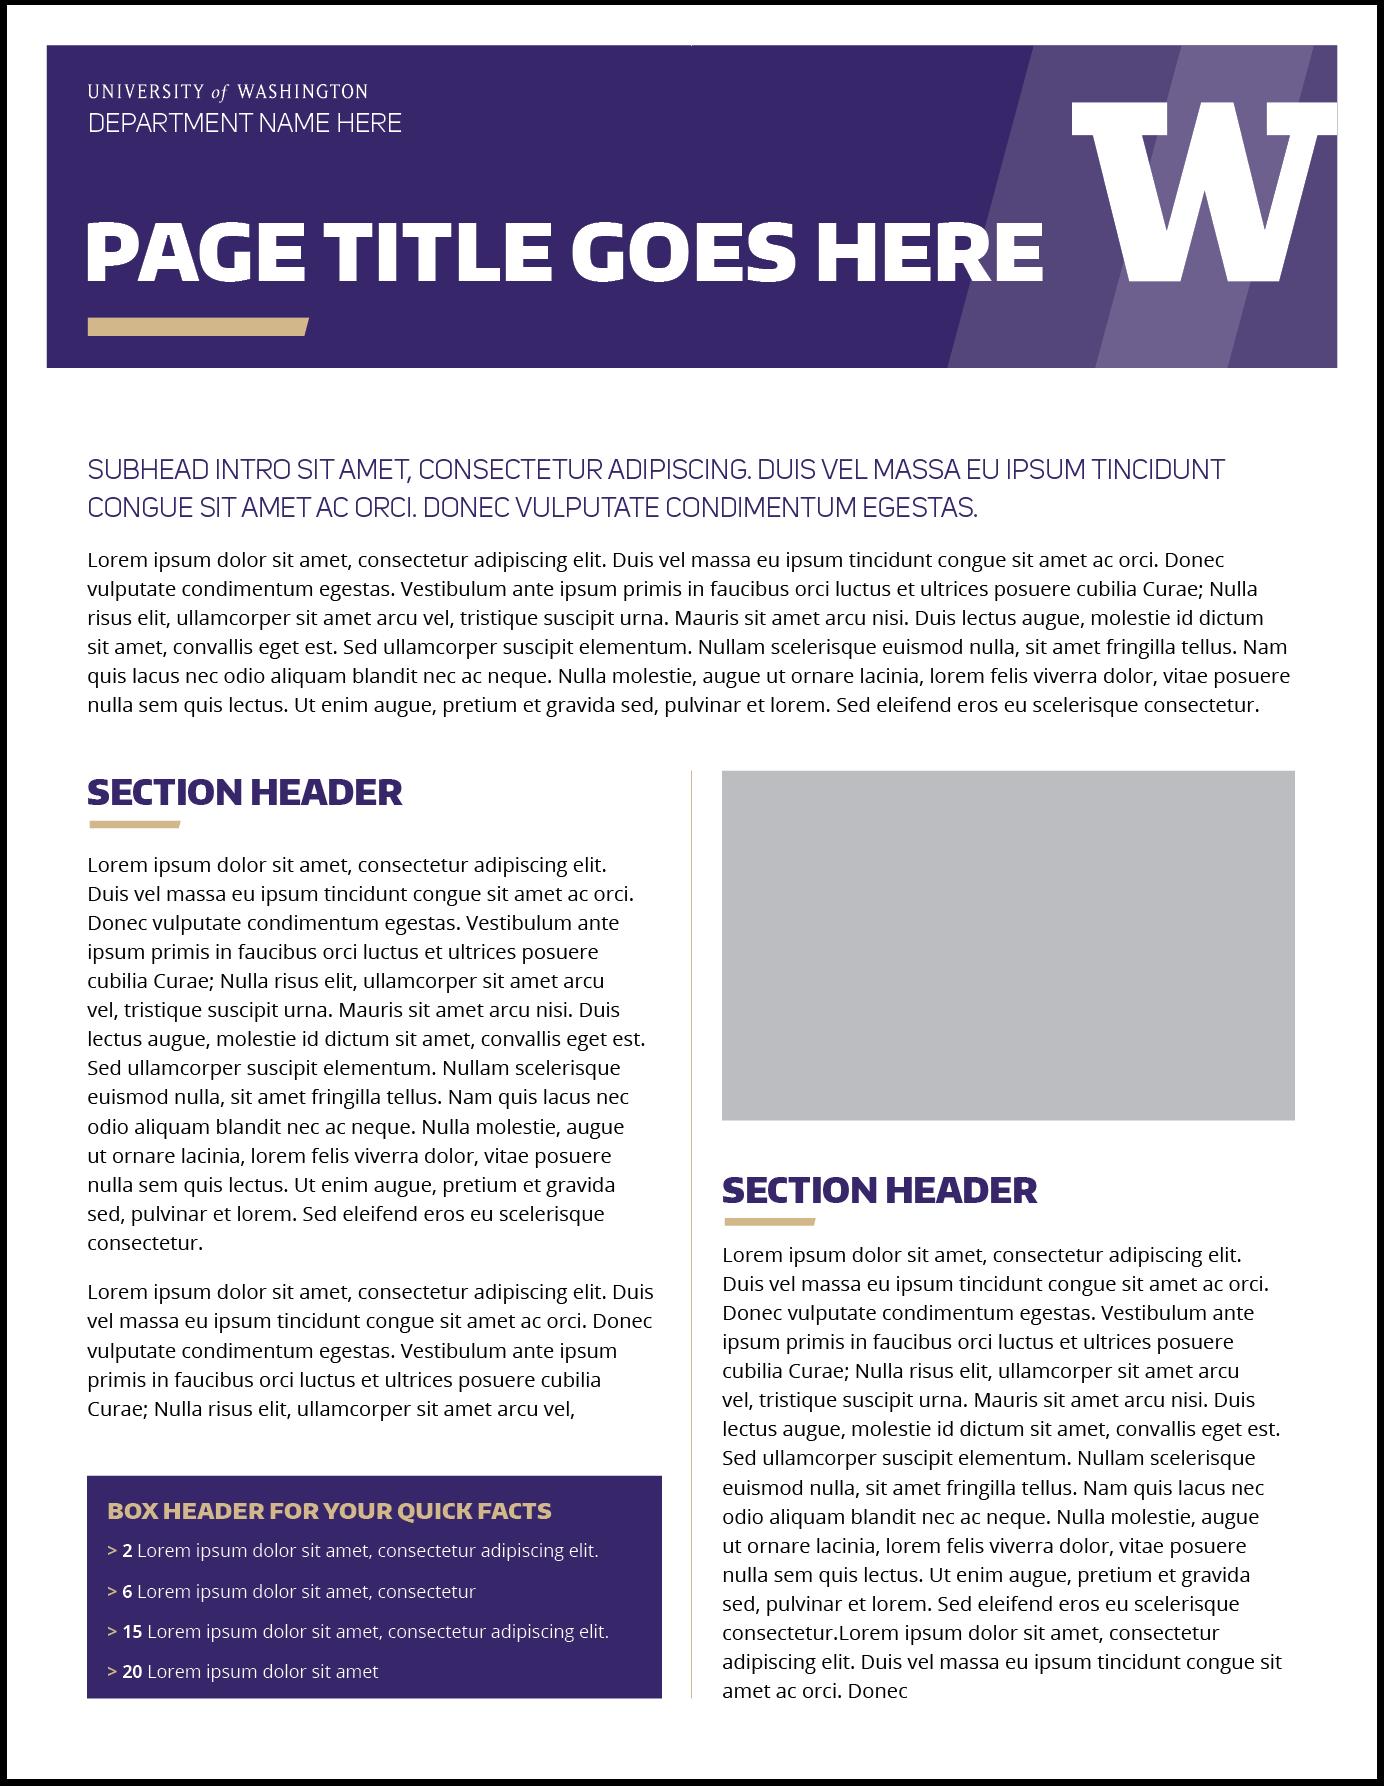 Fact Sheet   Uw Brand Inside Fact Card Template